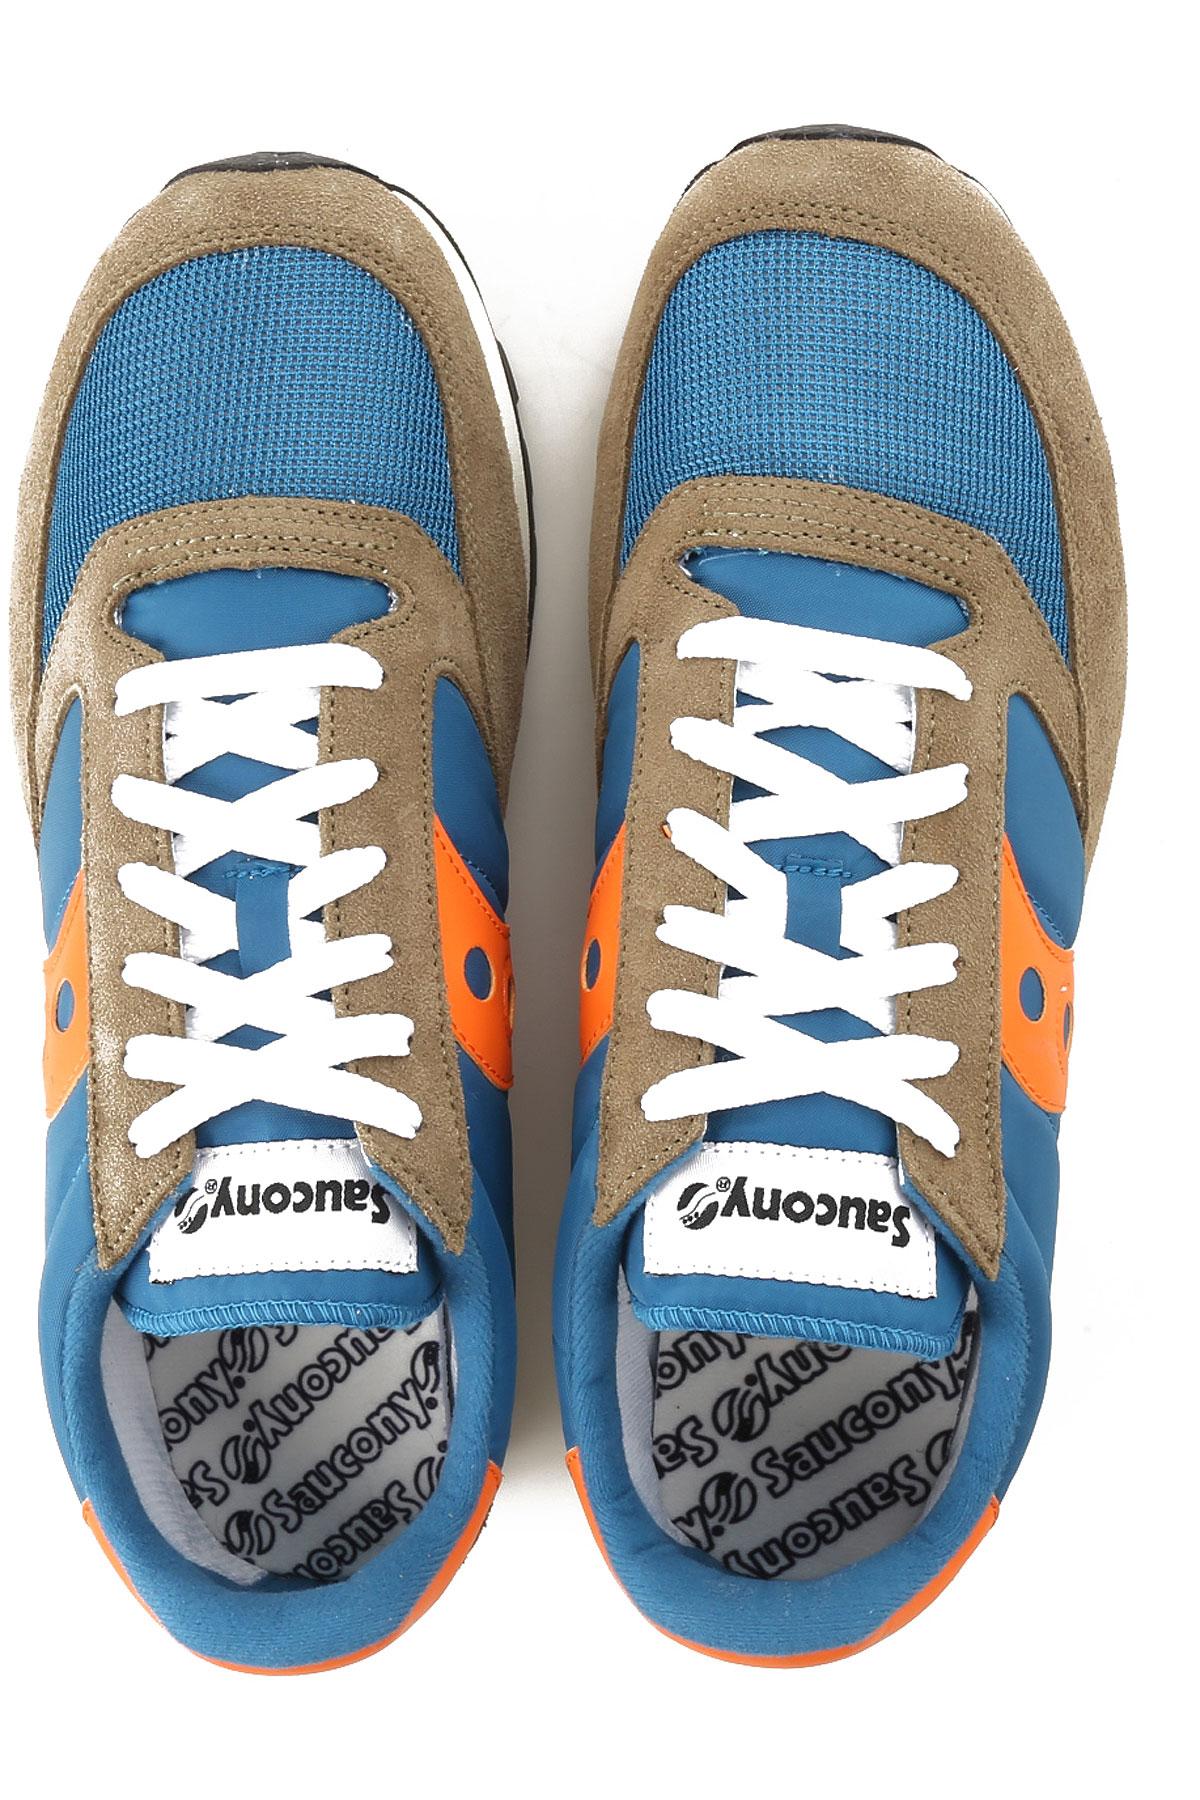 19 Para nbsp;naranja invierno Azul Saucony 2018 Mezcla Oliva Otoño Zapatos Hombres Marino TqZwYZ